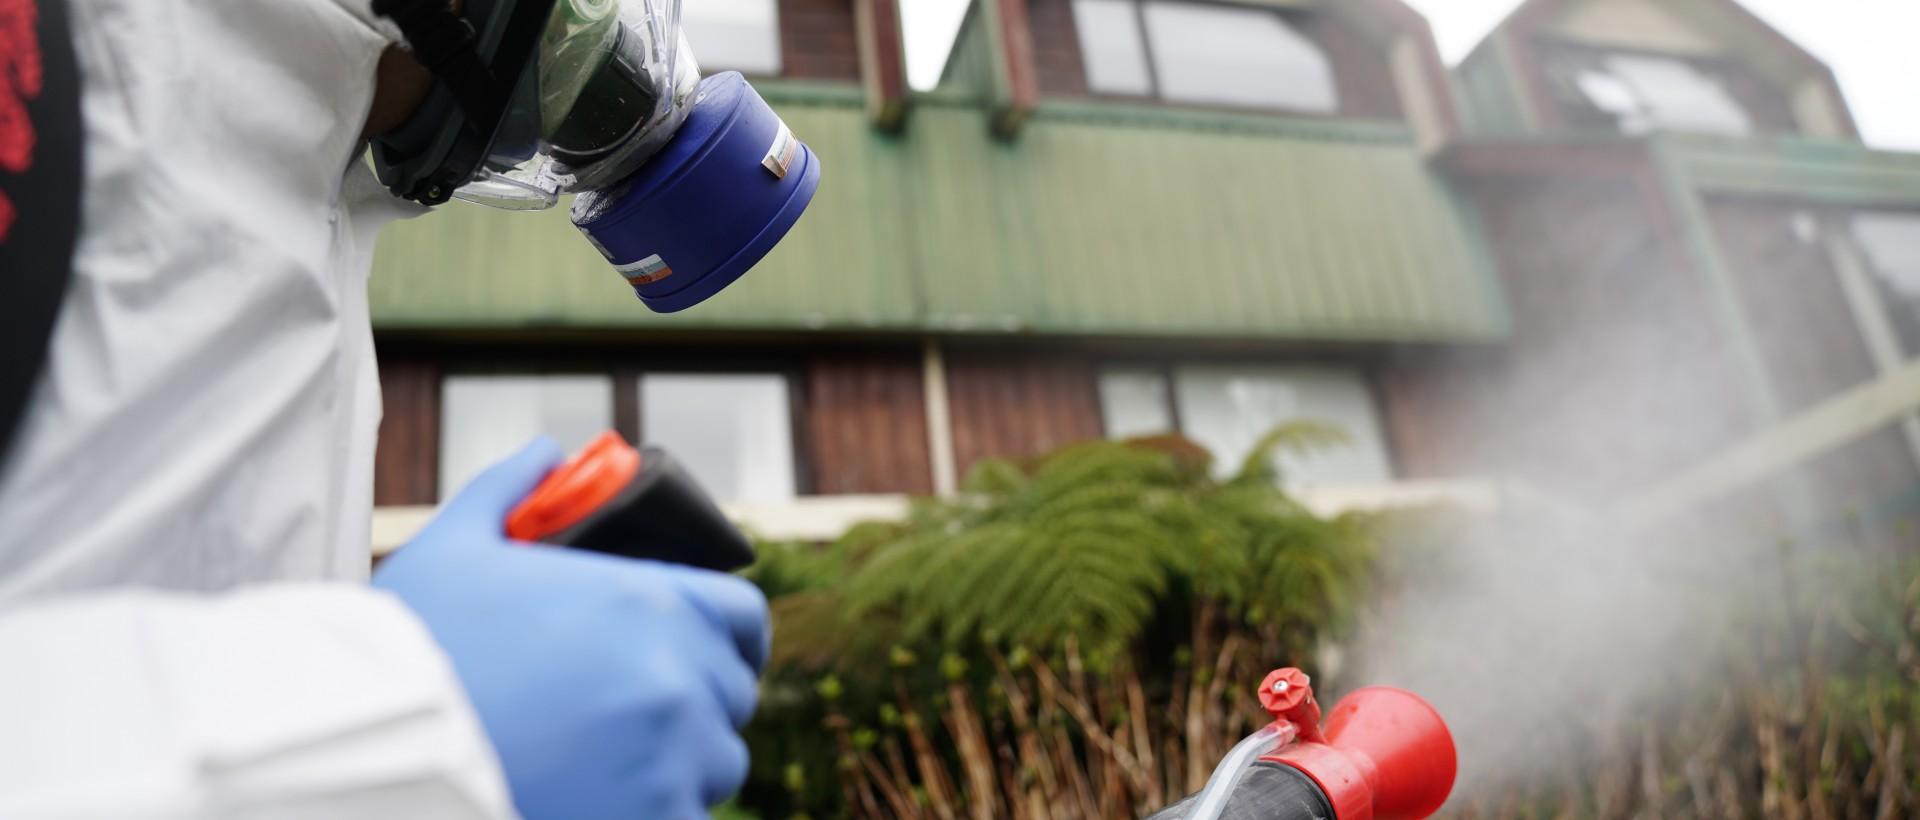 PLAGASUR® | Porque es tu casa y NO la de ellos! | Sanitización · Desratización · Desinsectación · Control de palomas y murciélagos · Valdivia - Puerto Montt - Puerto Varas - Osorno - Castro | Desinsectación